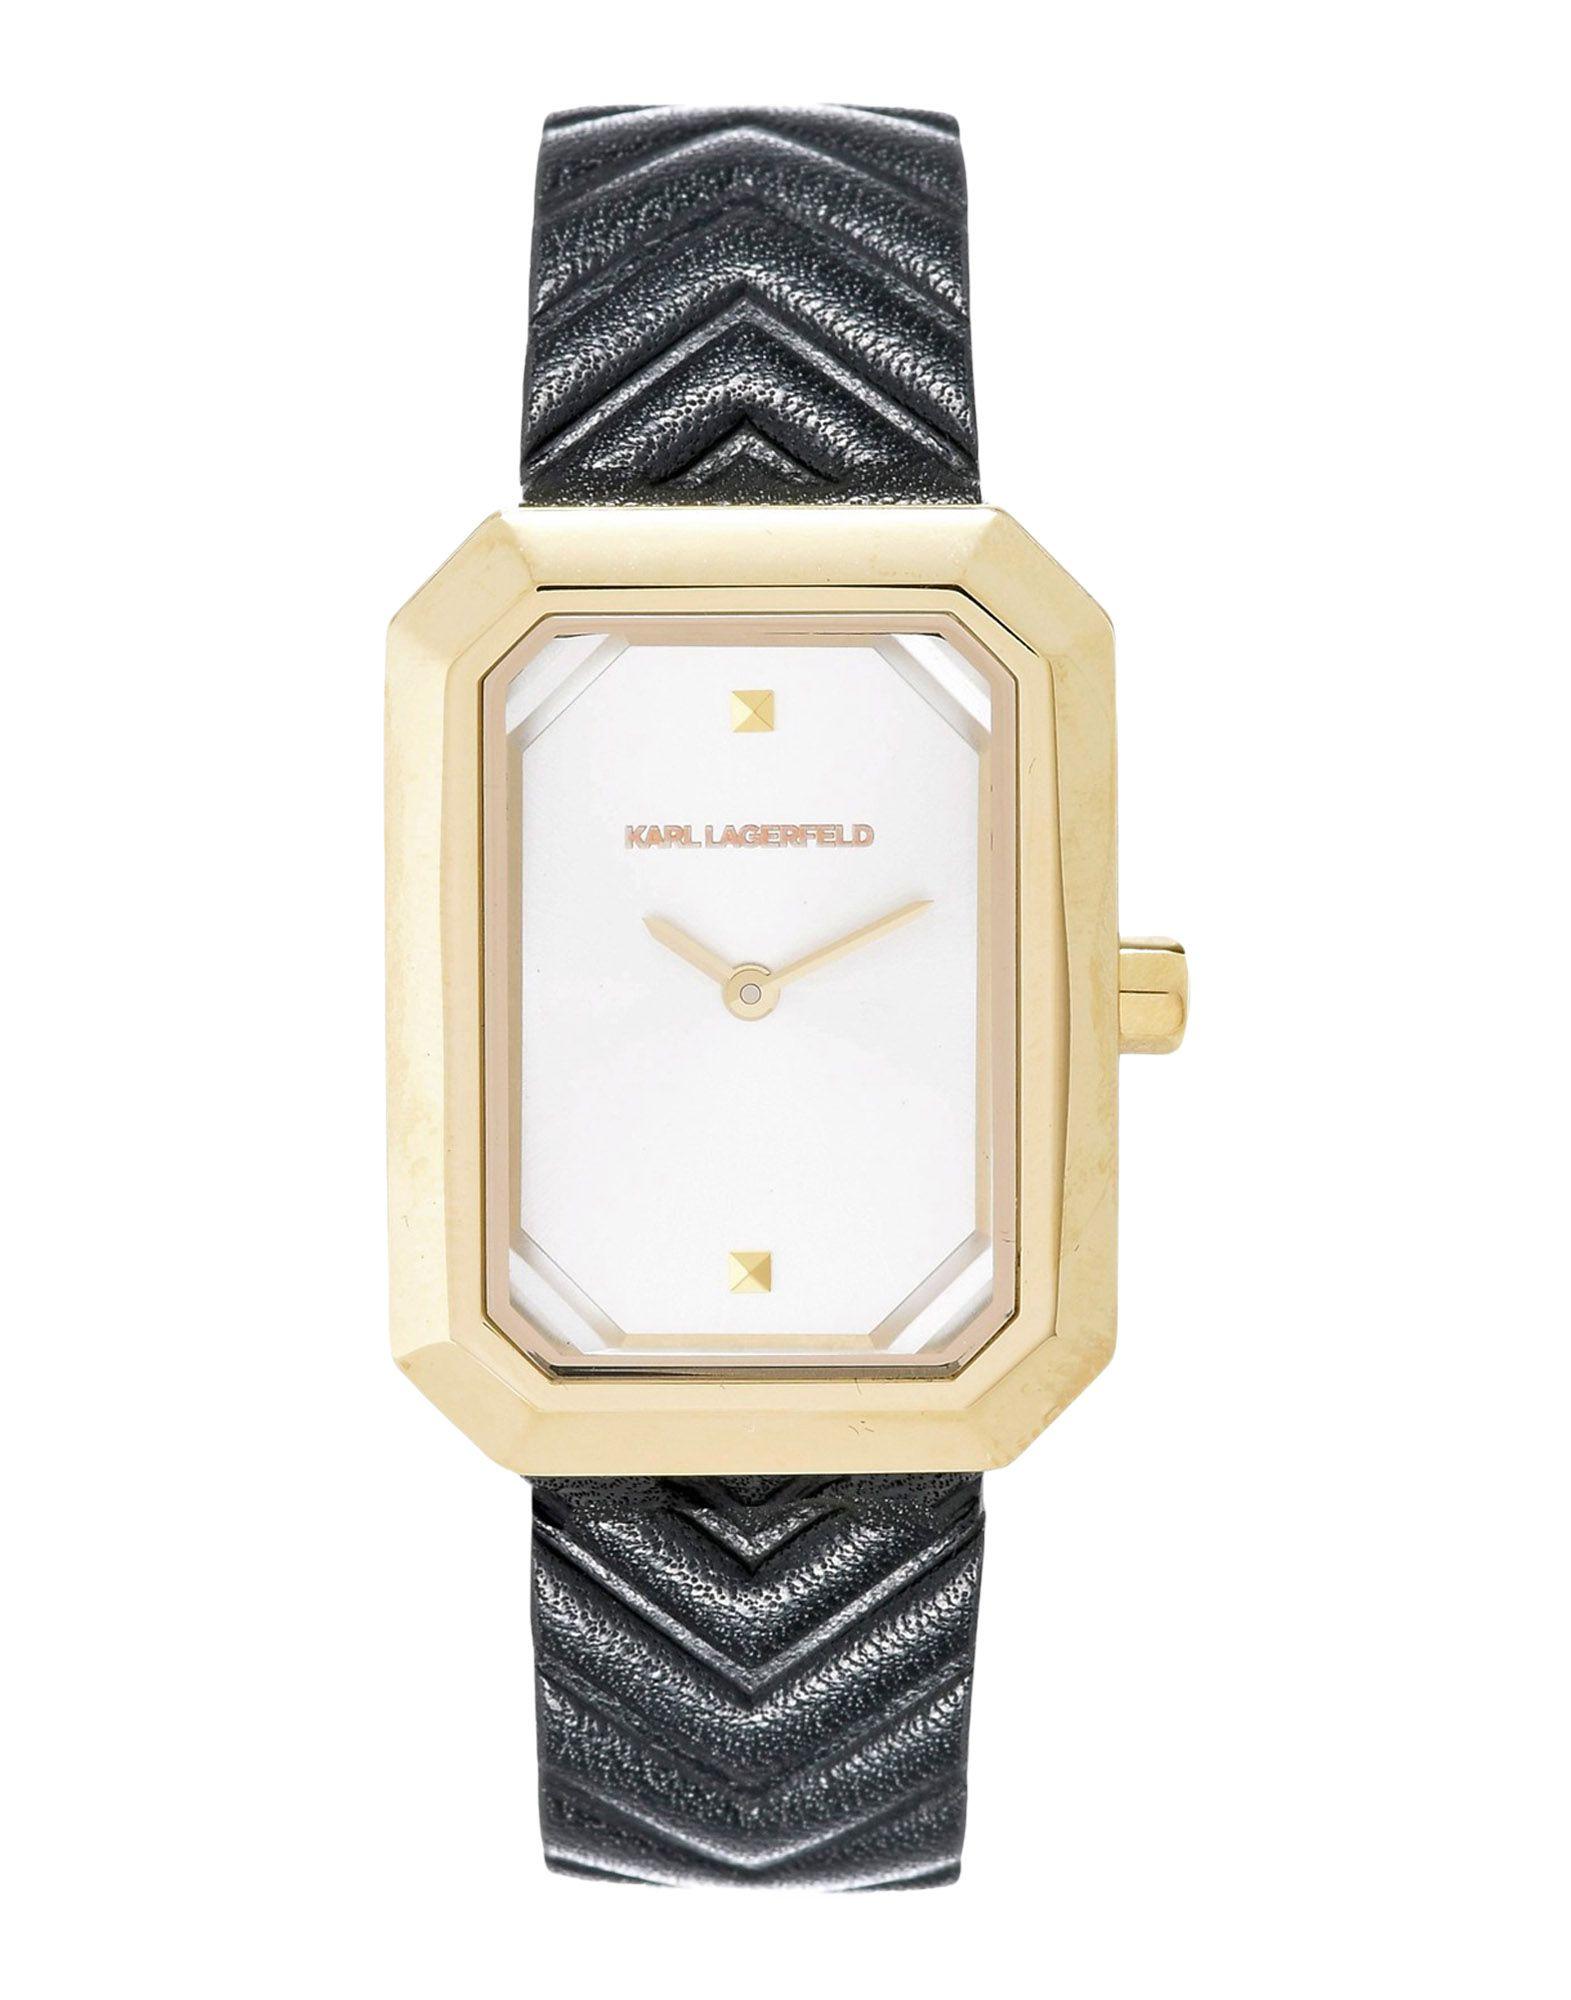 《送料無料》KARL LAGERFELD レディース 腕時計 ゴールド ステンレススチール / 革 LINDA